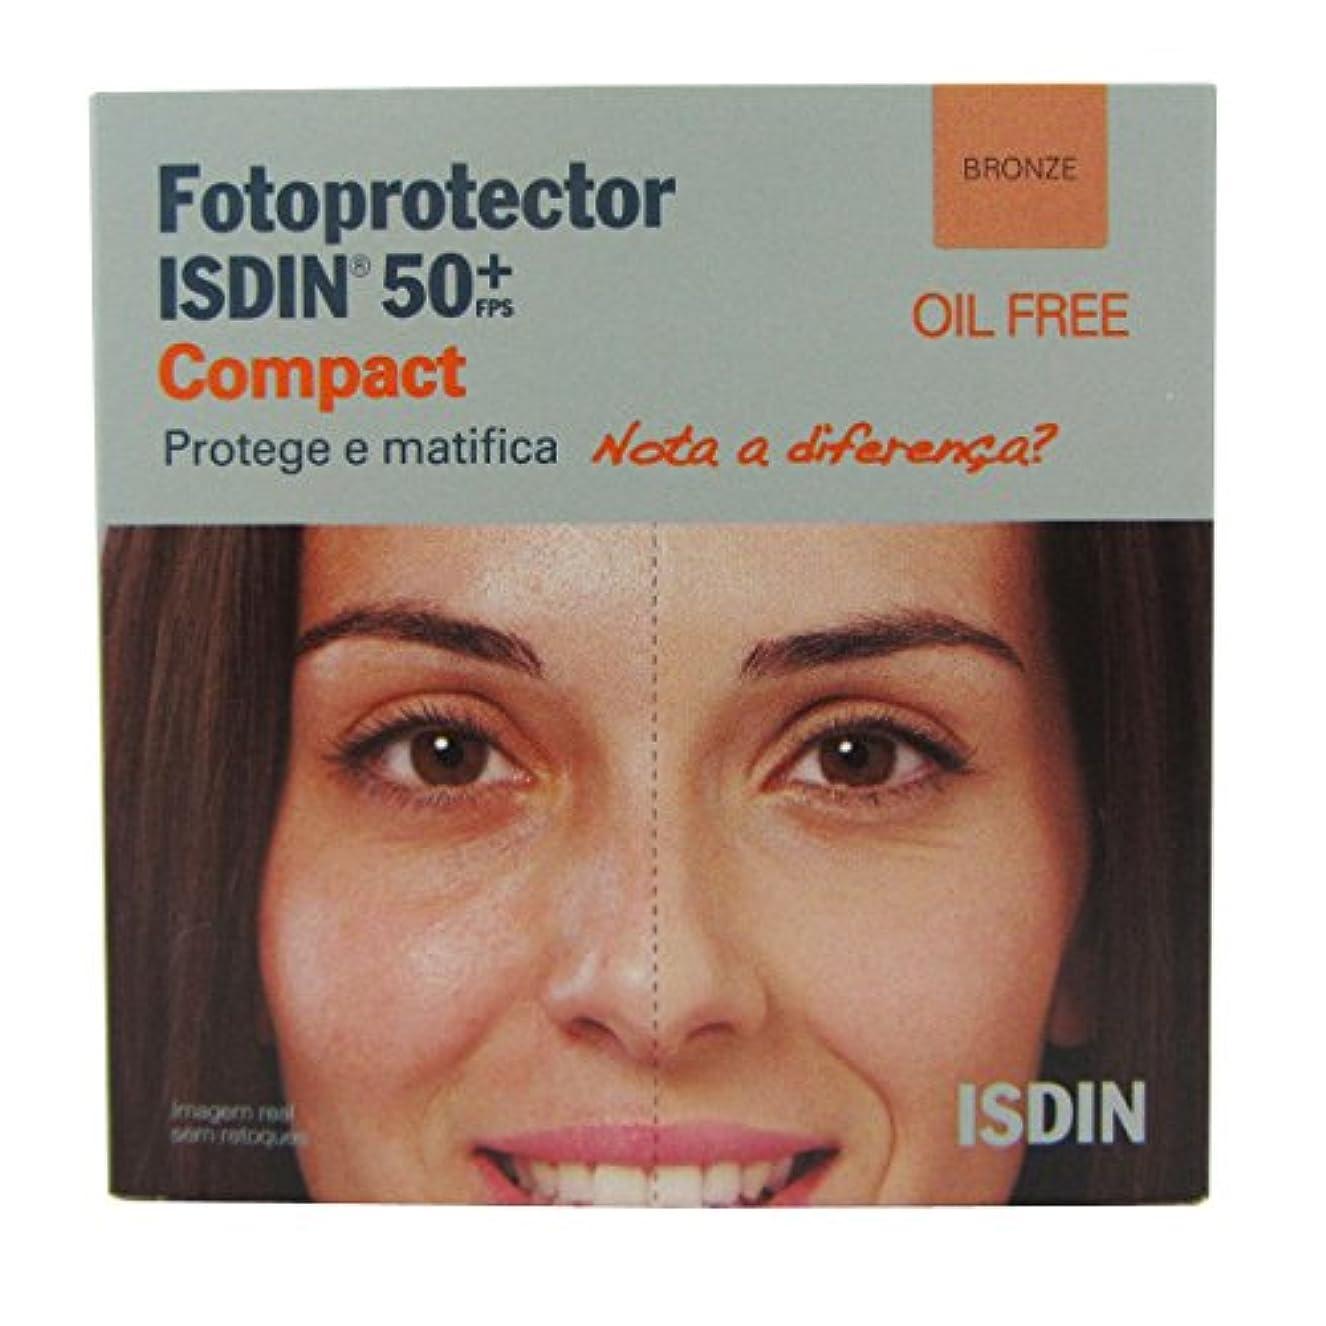 薬理学ソート朝ごはんIsdin Photoprotector Compact 50+ Bronz 10g [並行輸入品]